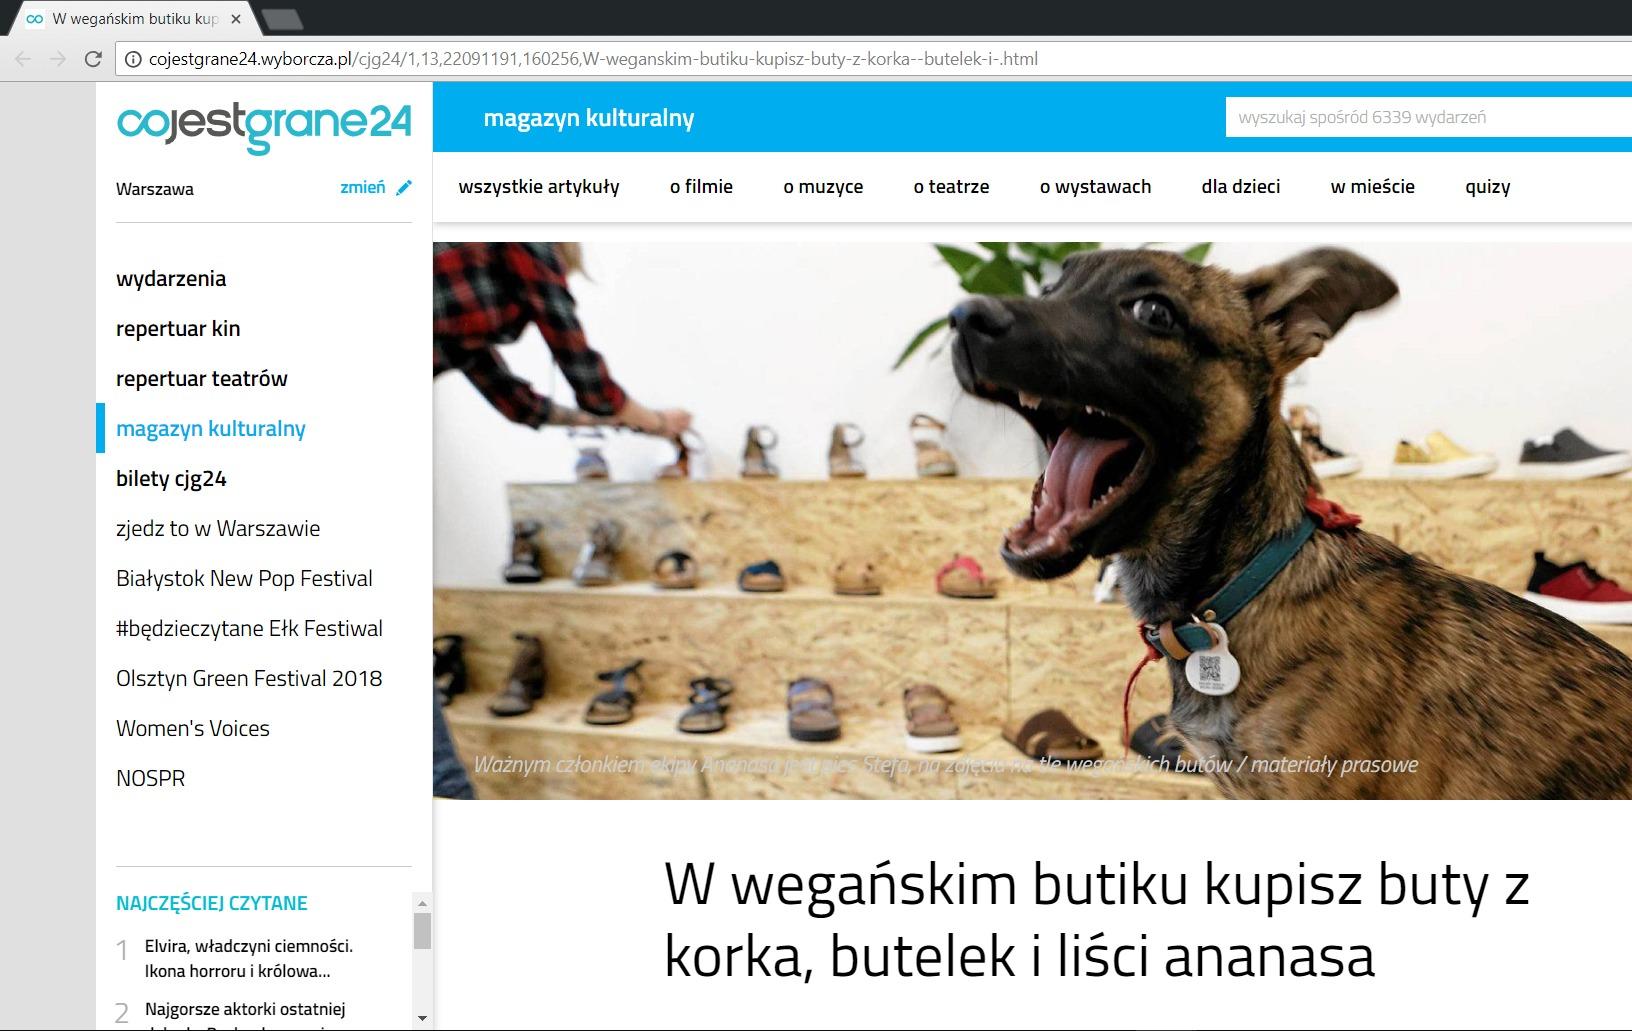 cojestgrane24.wyborcza.pl o ananaswarsaw.pl